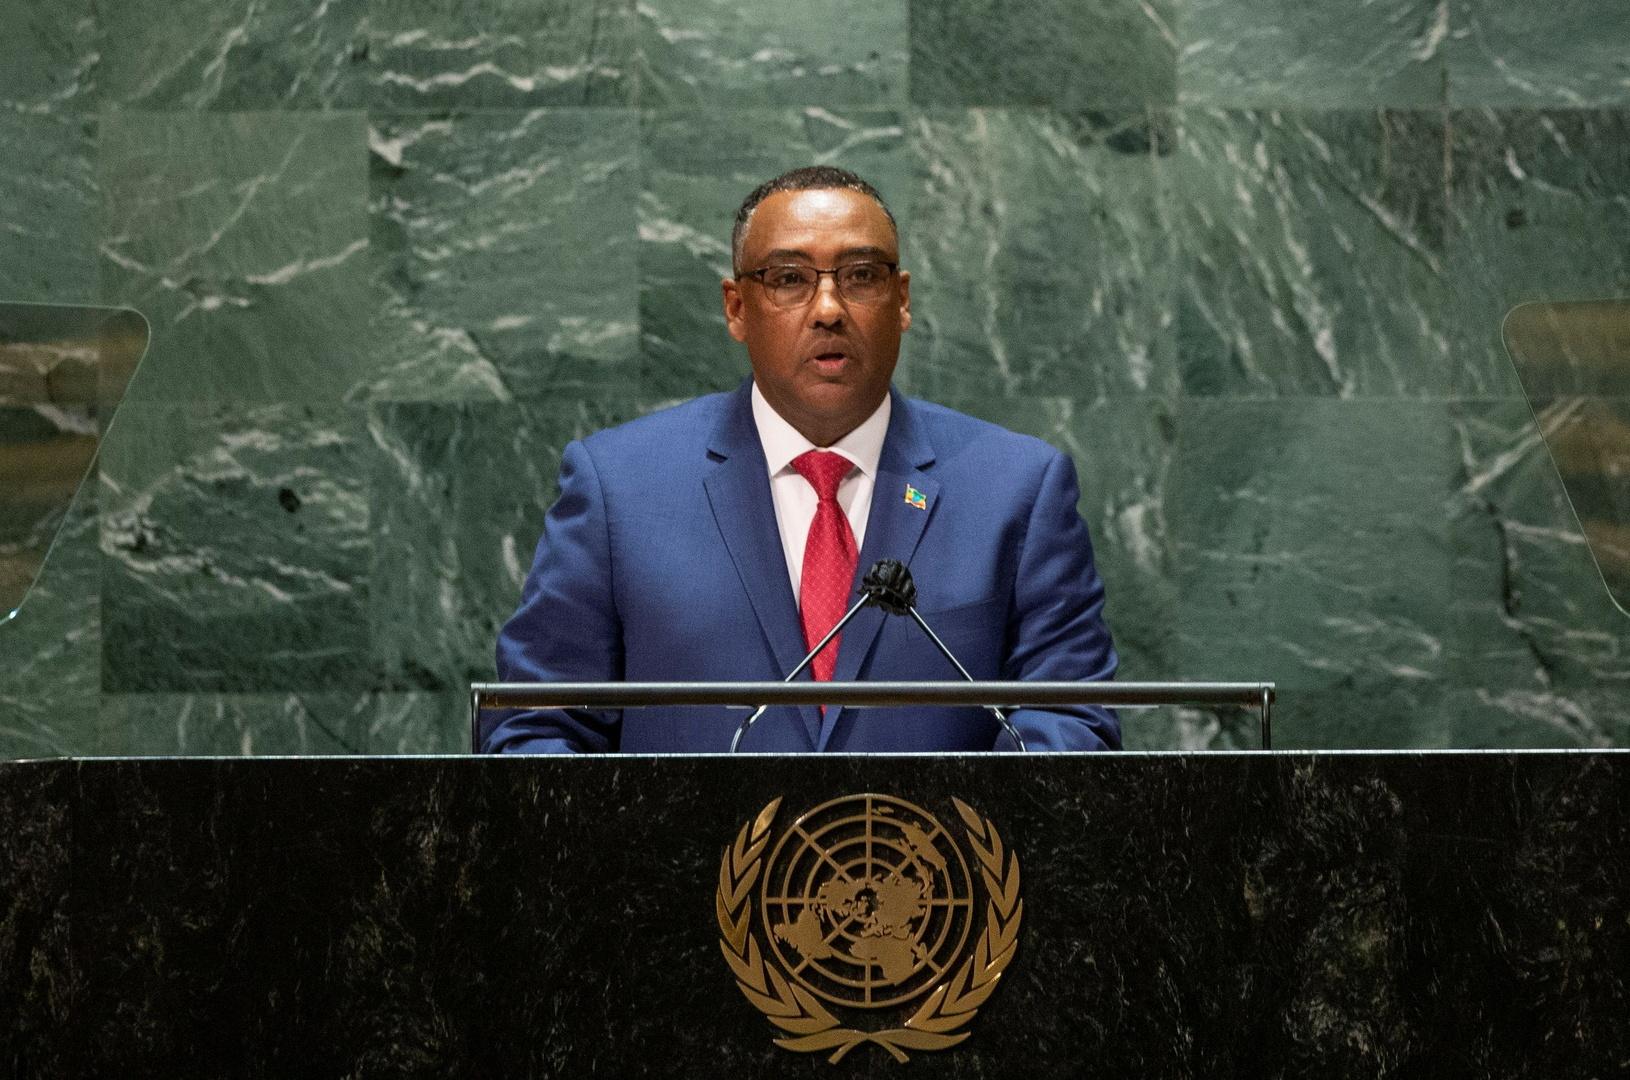 إثيوبيا: نرفض أي محاولة للتدخل في شؤوننا وعلى العالم اتباع نهج بناء